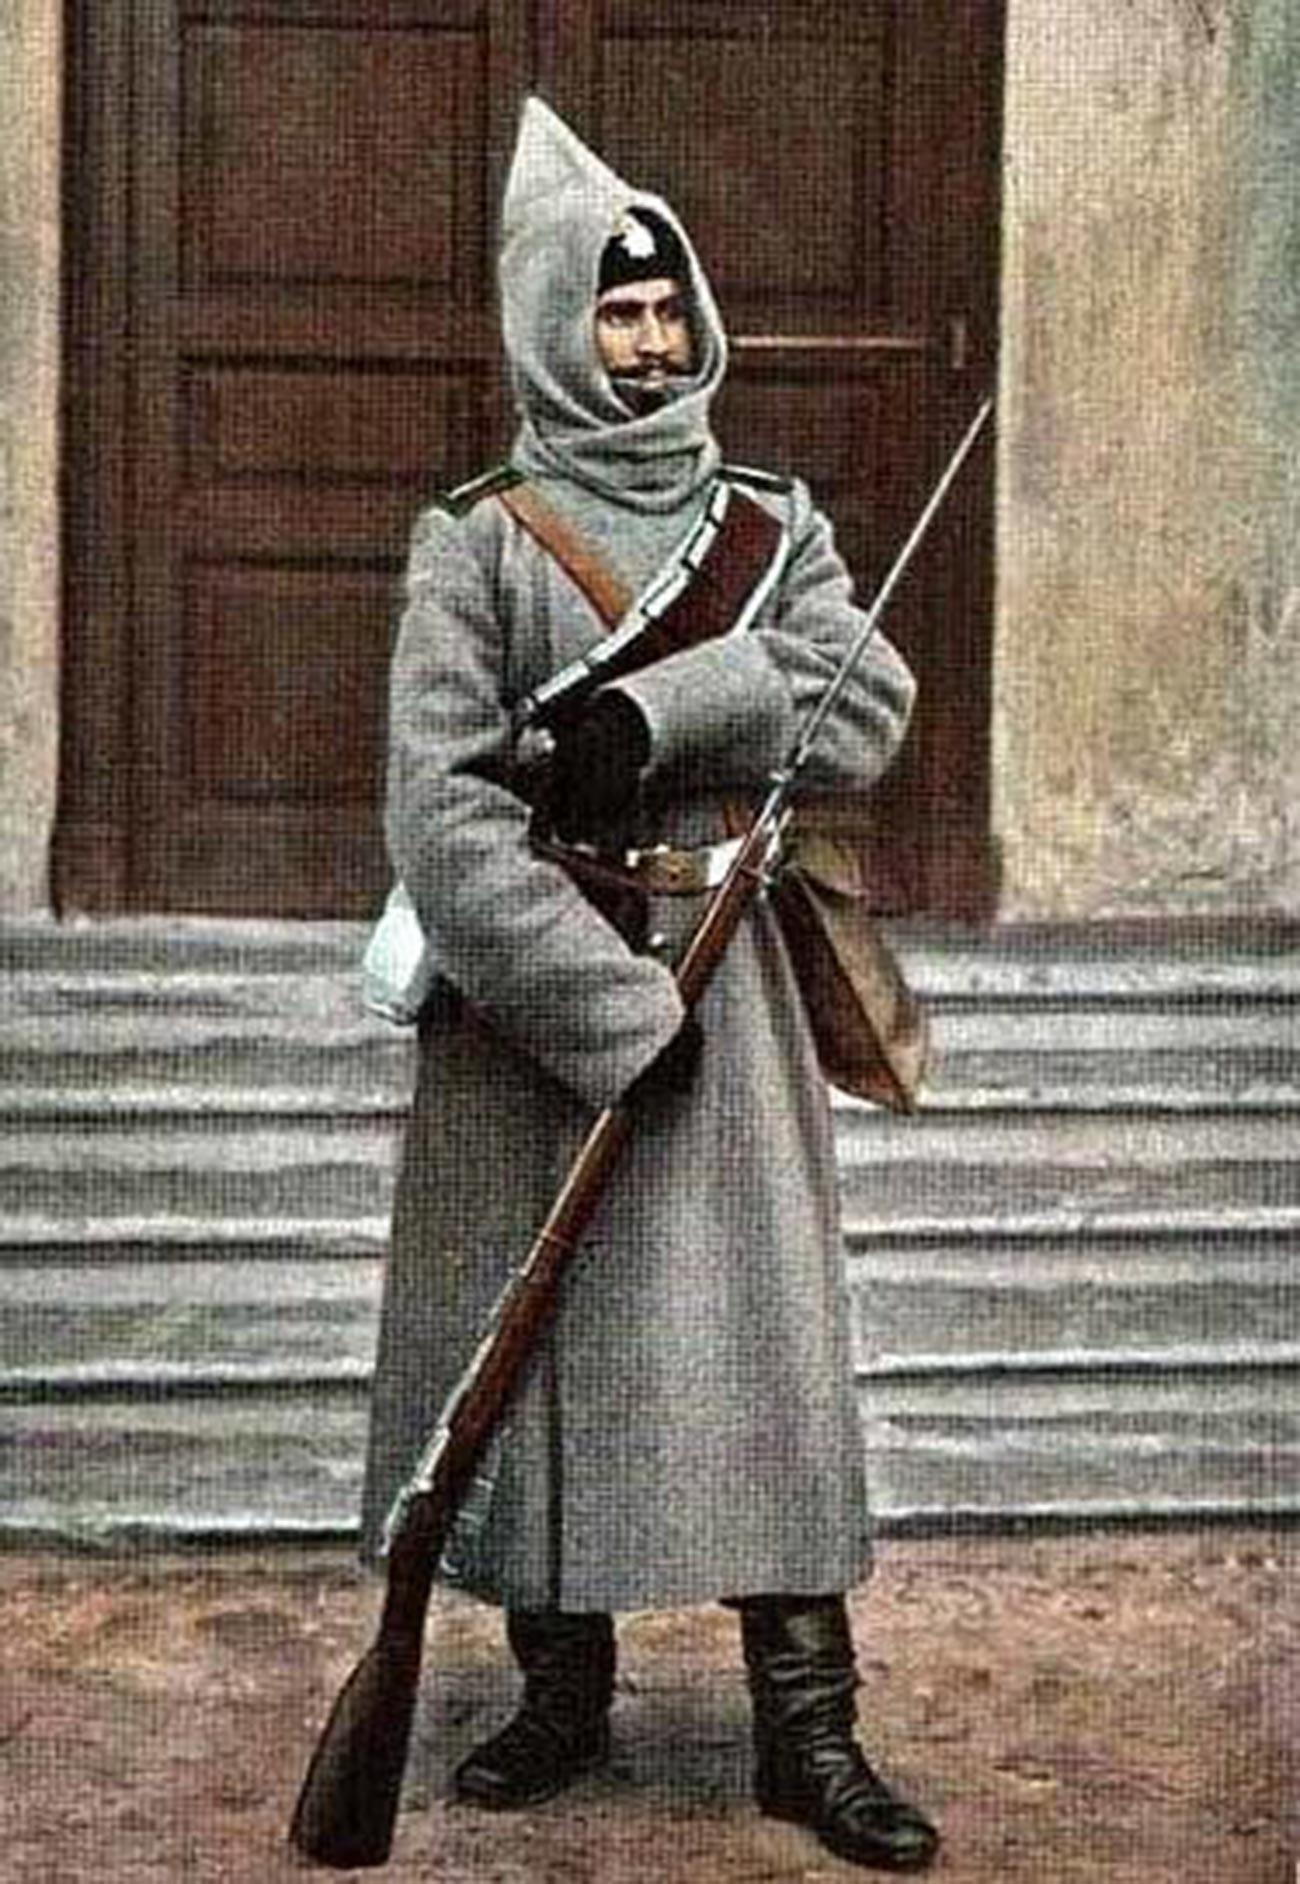 Il bashlyk in passato ha fatto parte delle uniformi militari